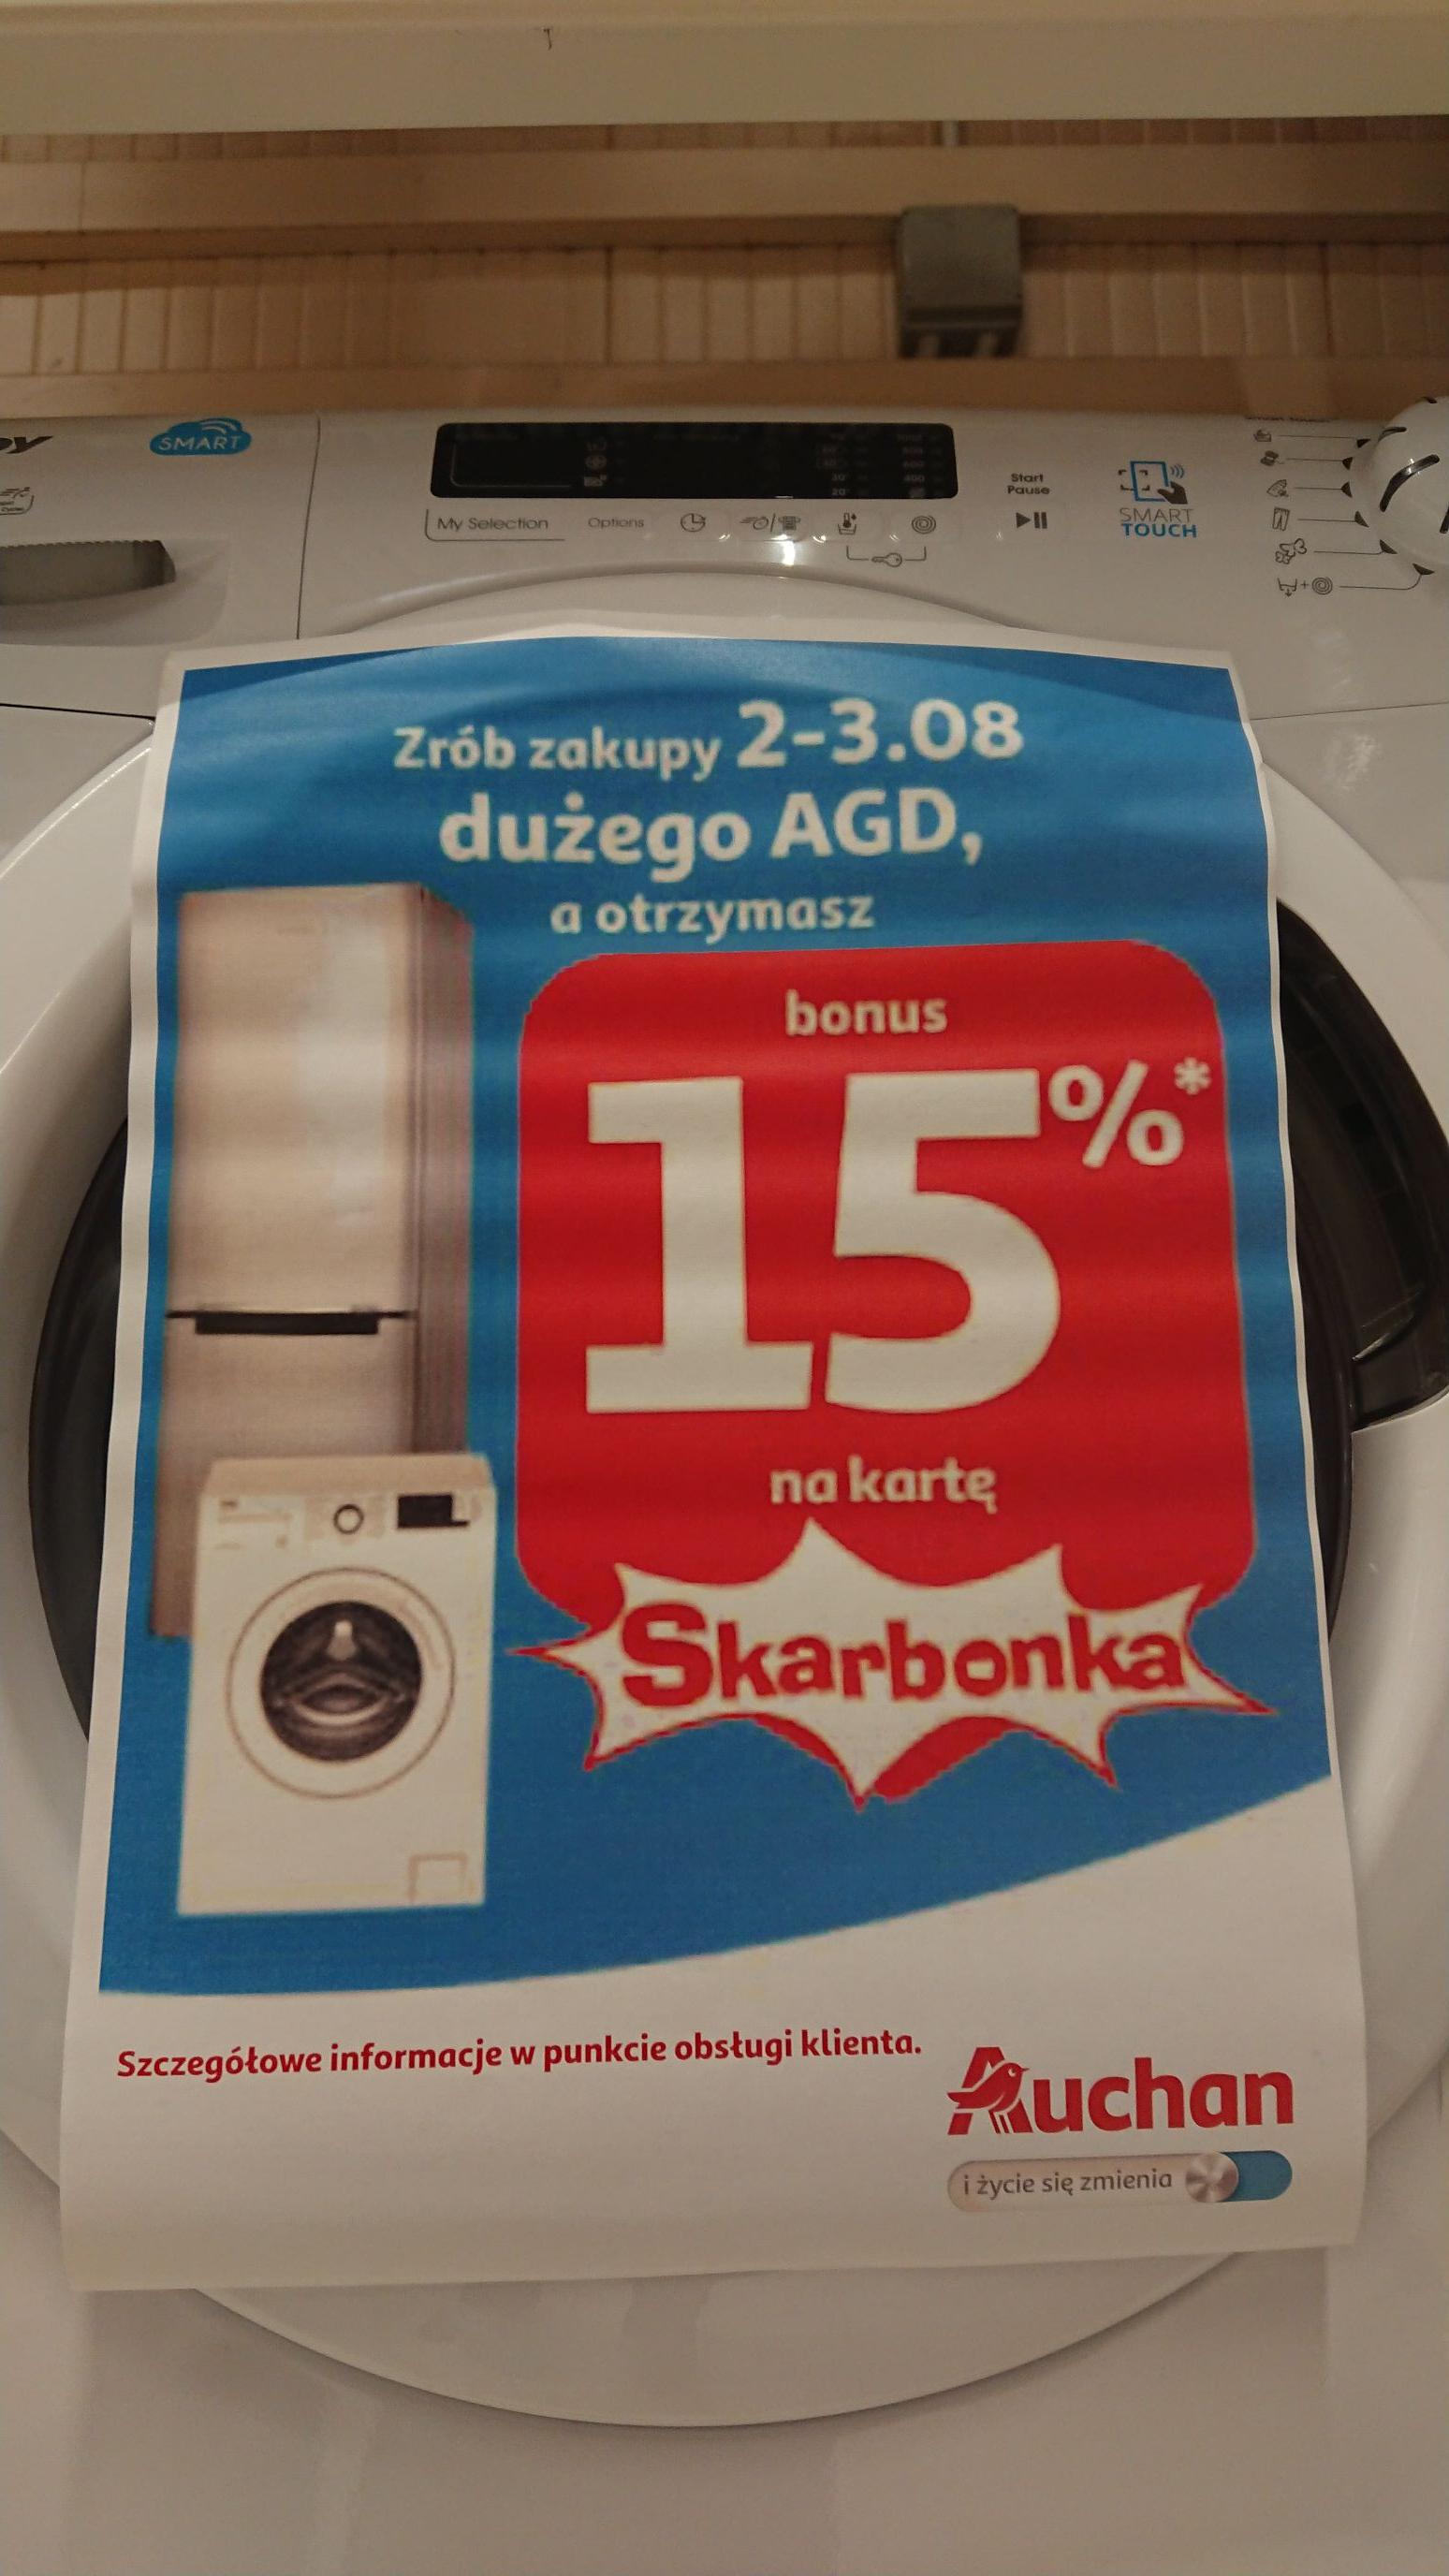 15% na kartę Skarbonka za duże AGD w Auchan